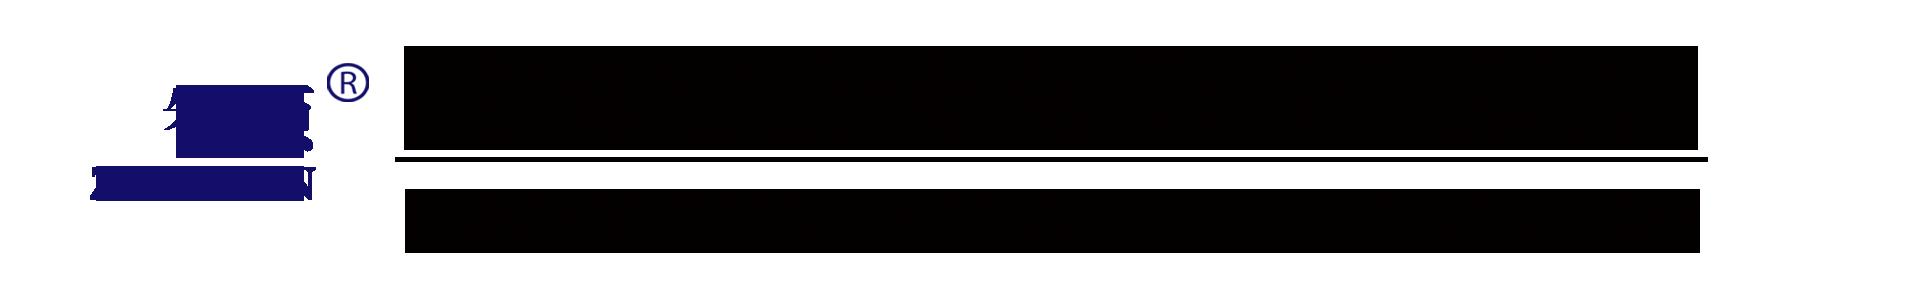 寧夏丝瓜视频官网下载安卓版二维码農業裝備有限公司